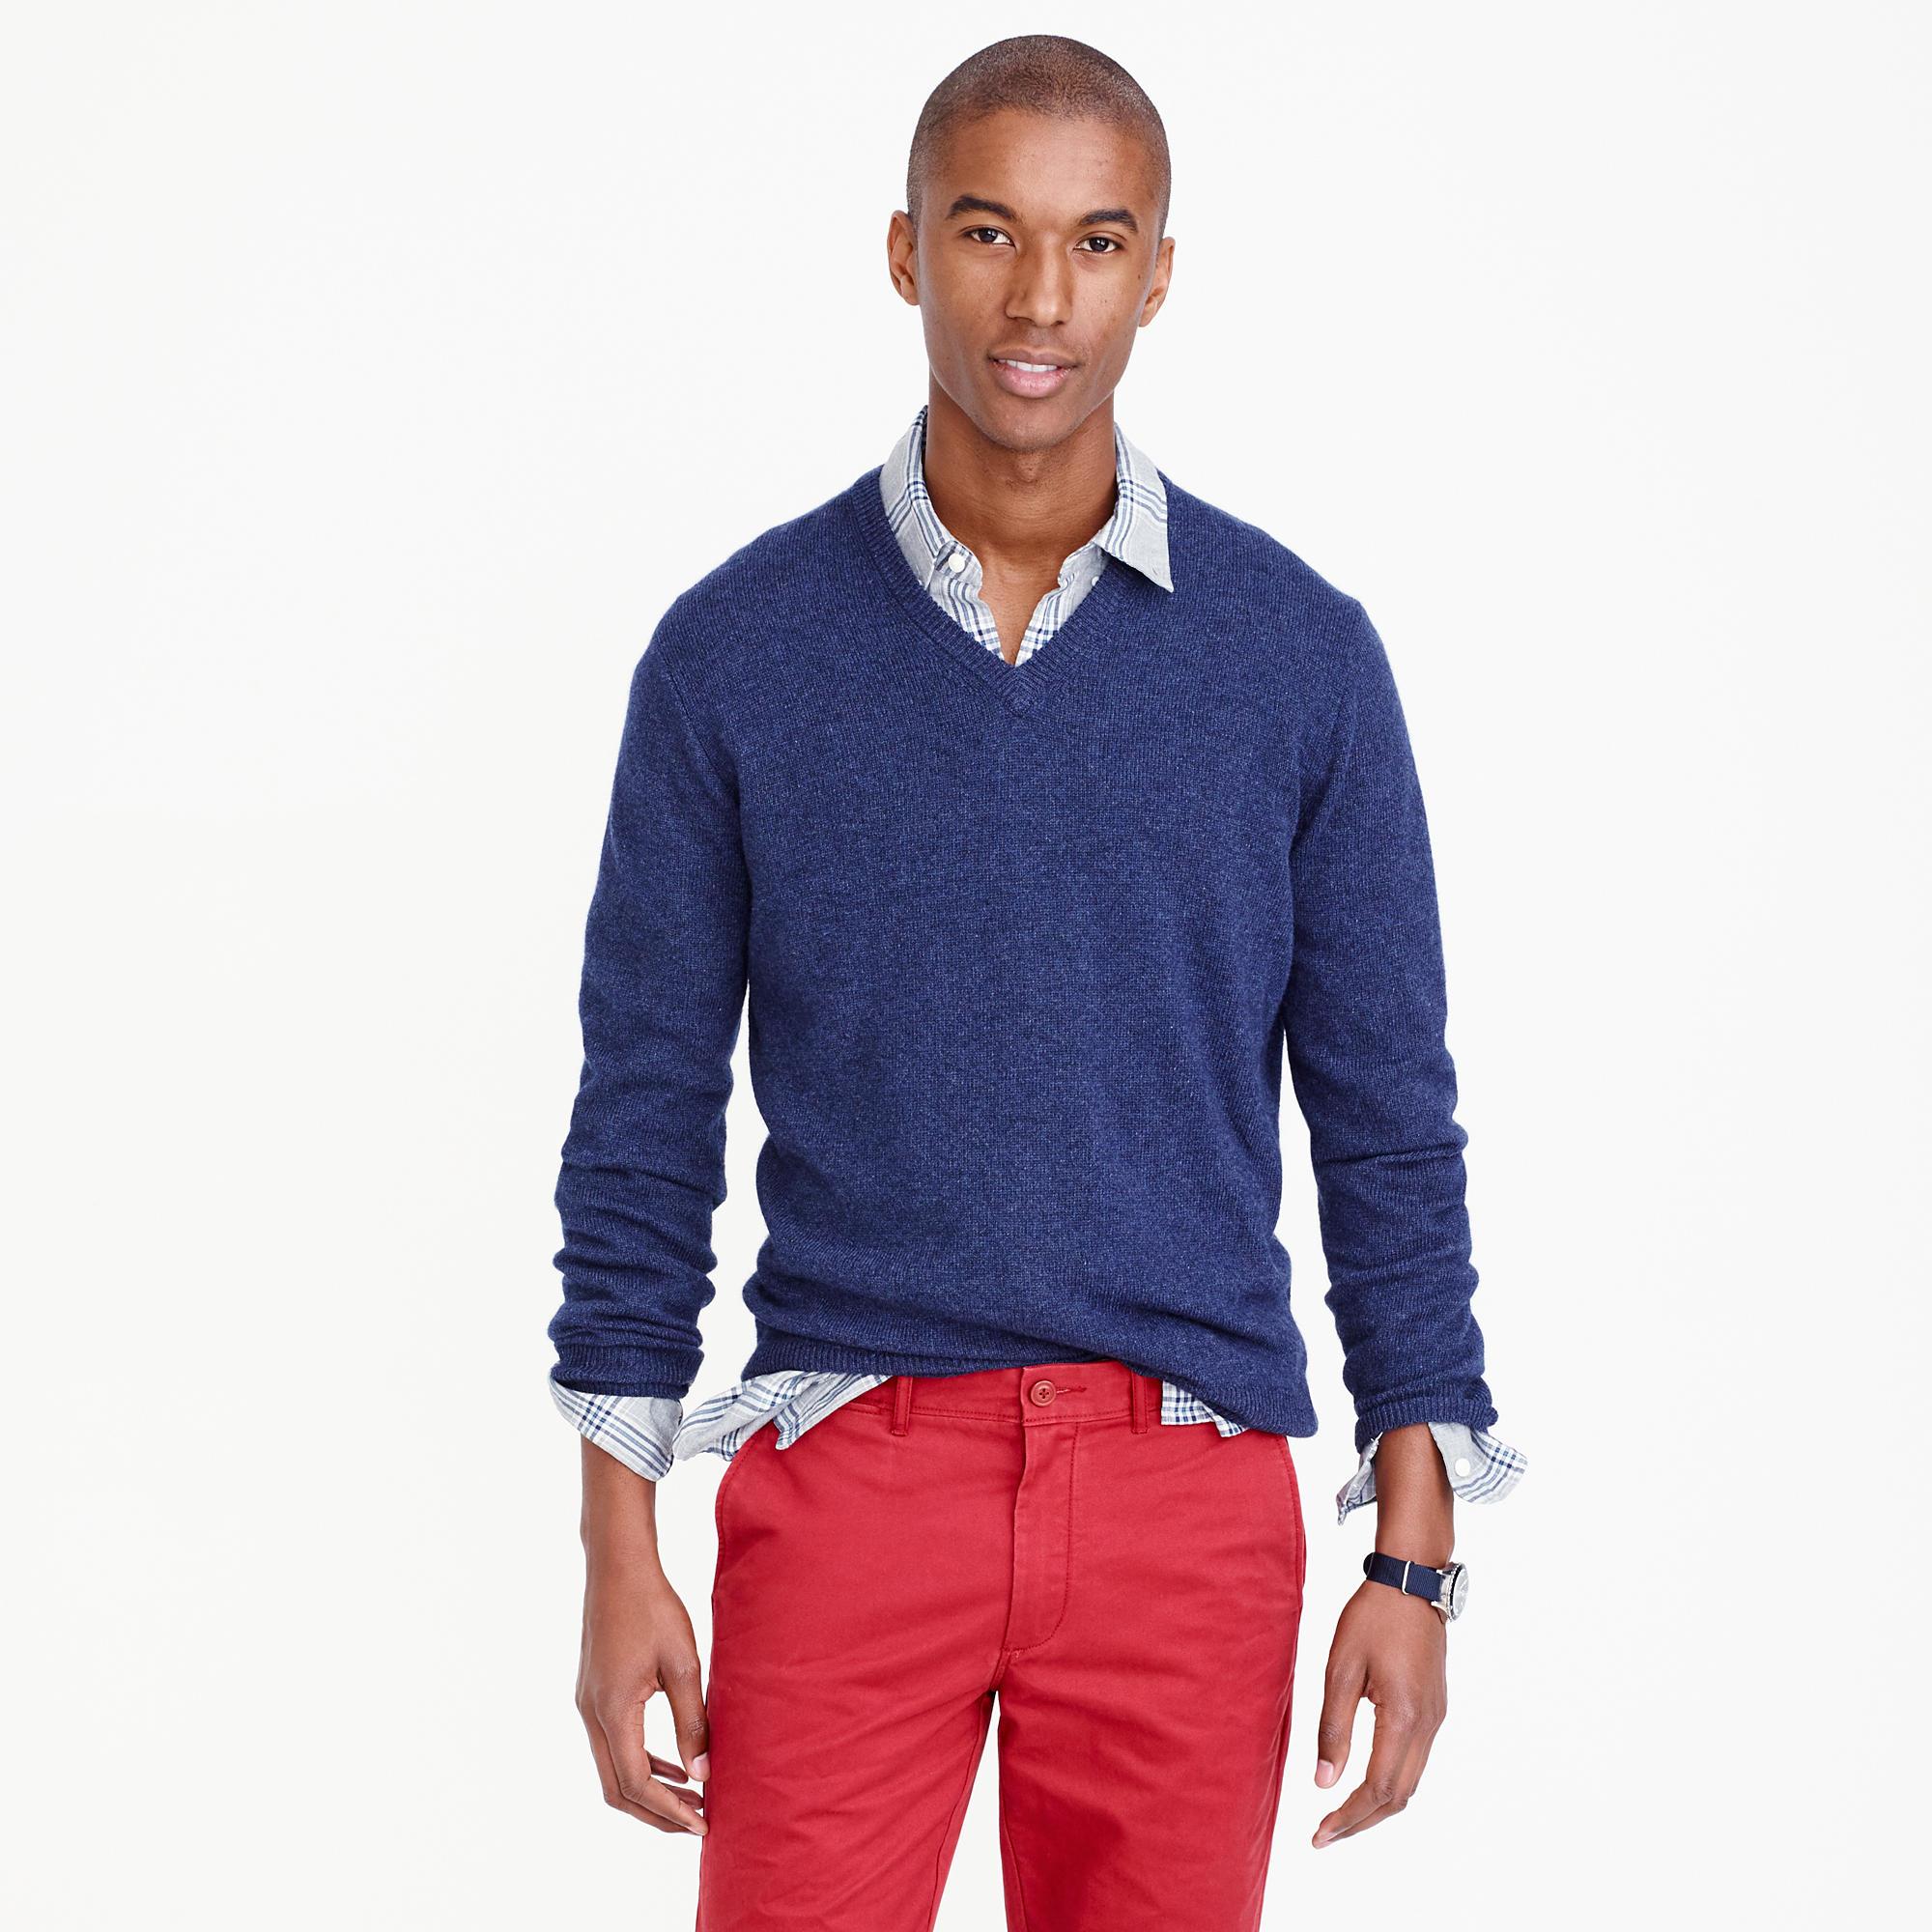 Sweater dress shirt style